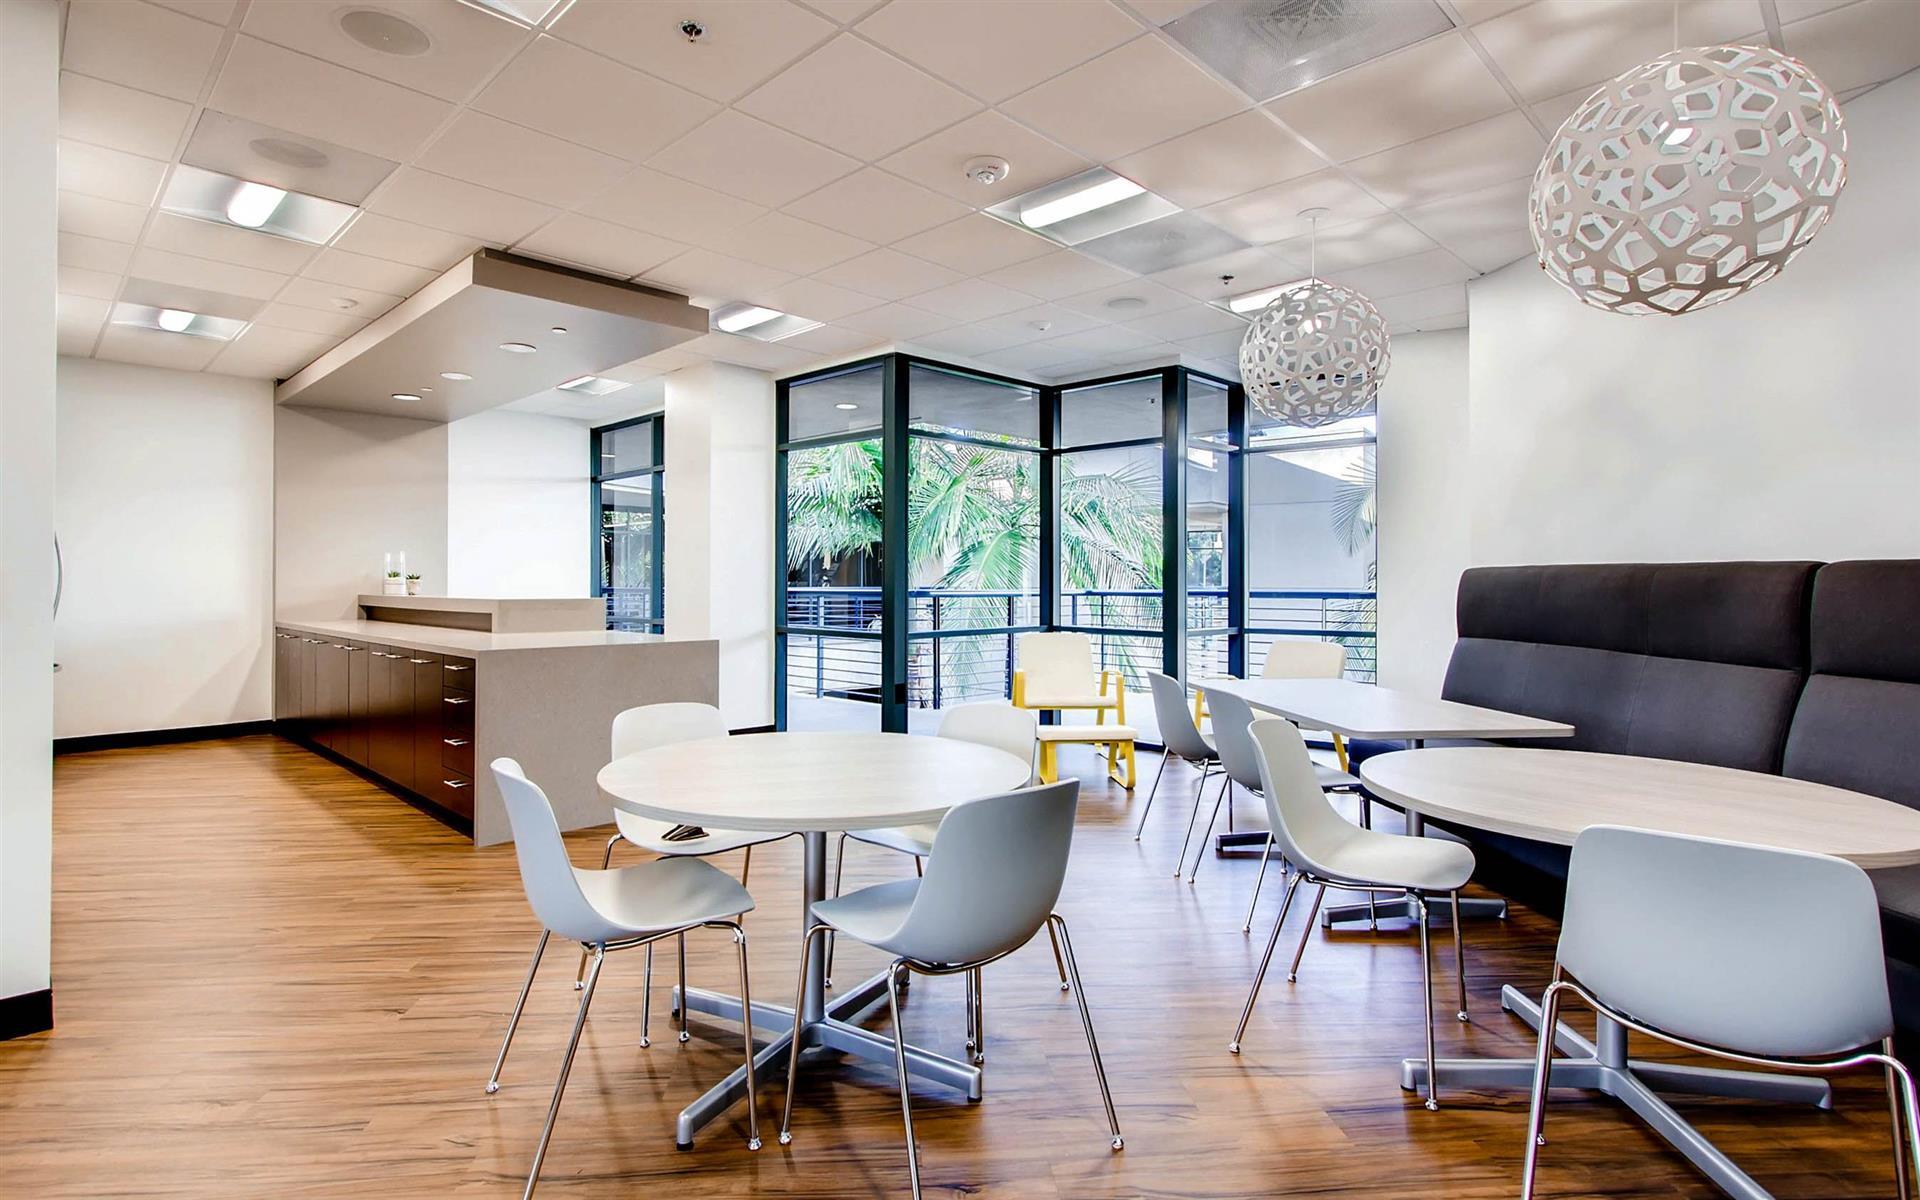 Avanti Workspace - Carlsbad - Suite 2119